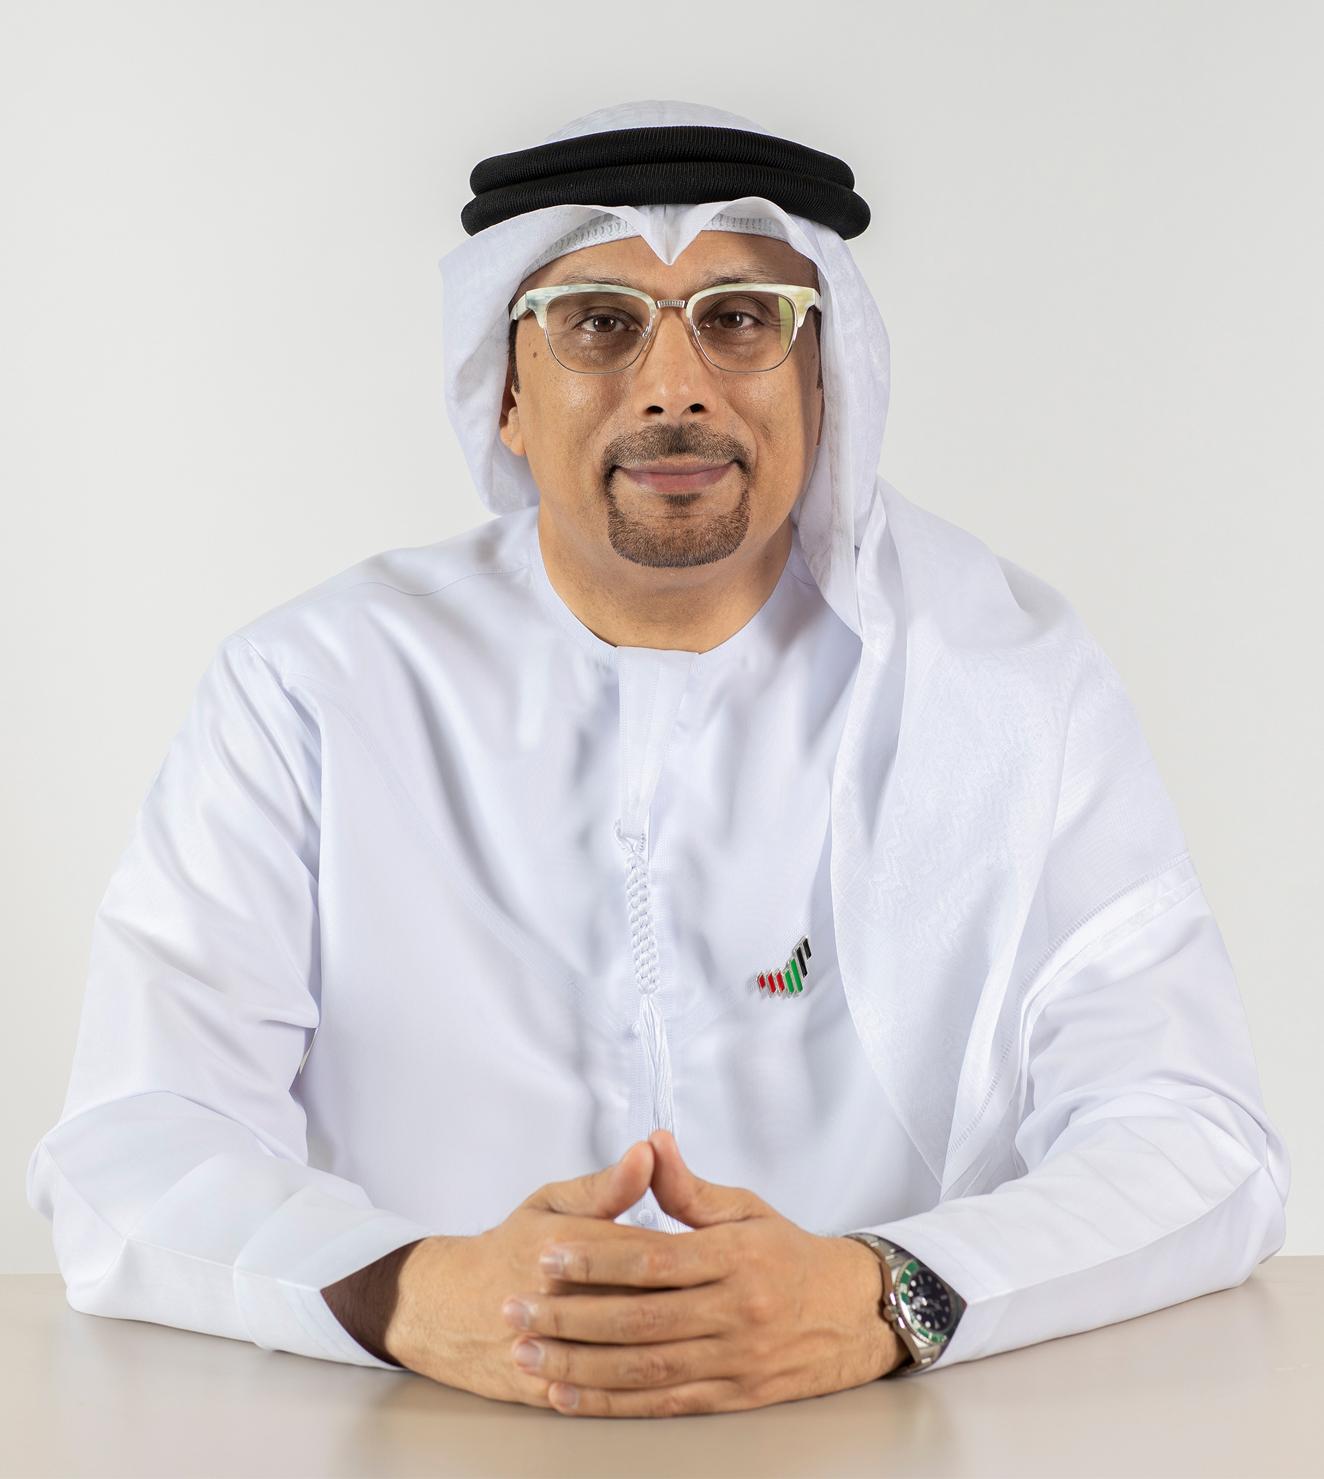 """مجلة """"Nature"""" العالمية تنشر دراسة الإمارات حول استخدام الكلاب الجمركية في الكشف عن """"كوفيد-19"""""""